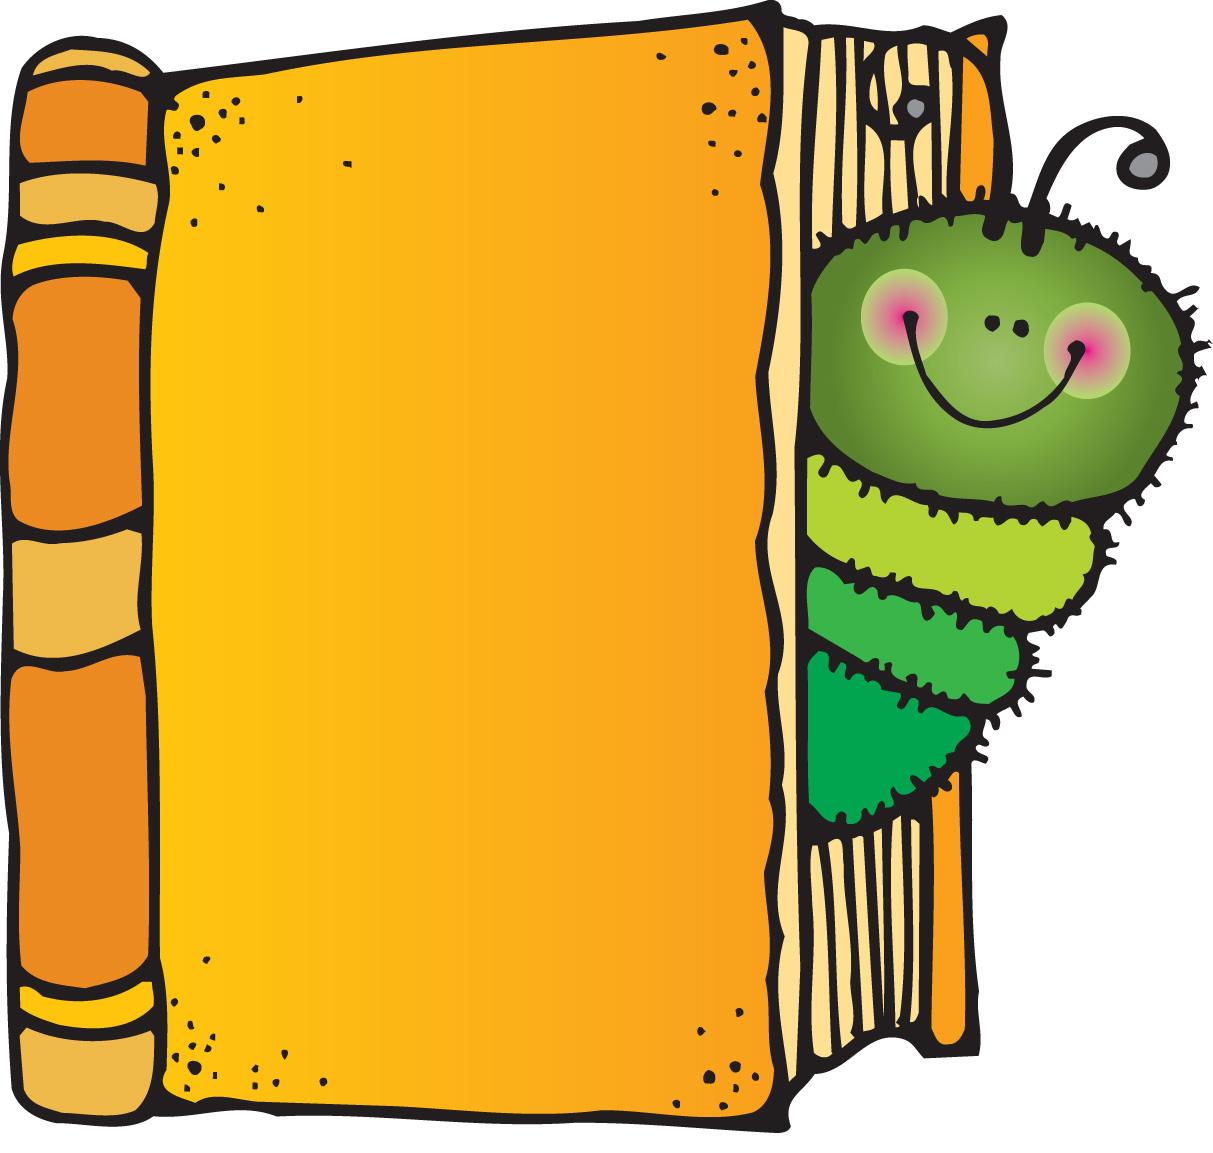 Bookworm clipart bookwork. Big book clip art